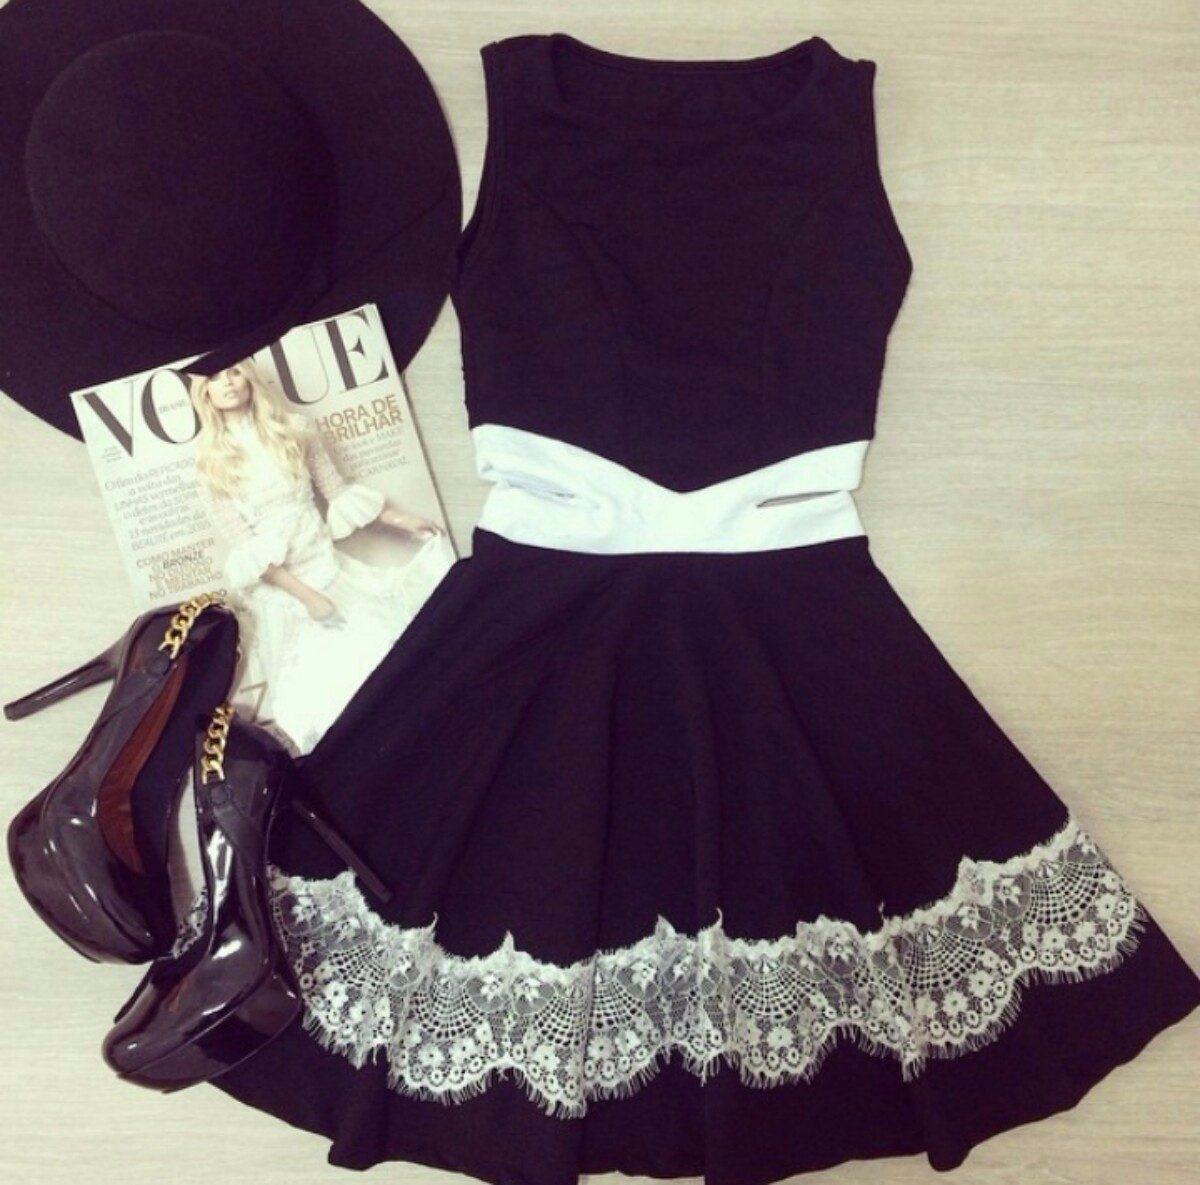 e77c04d2d1 vestidos onde comprar online vestidos formatura curto festa. Carregando  zoom.